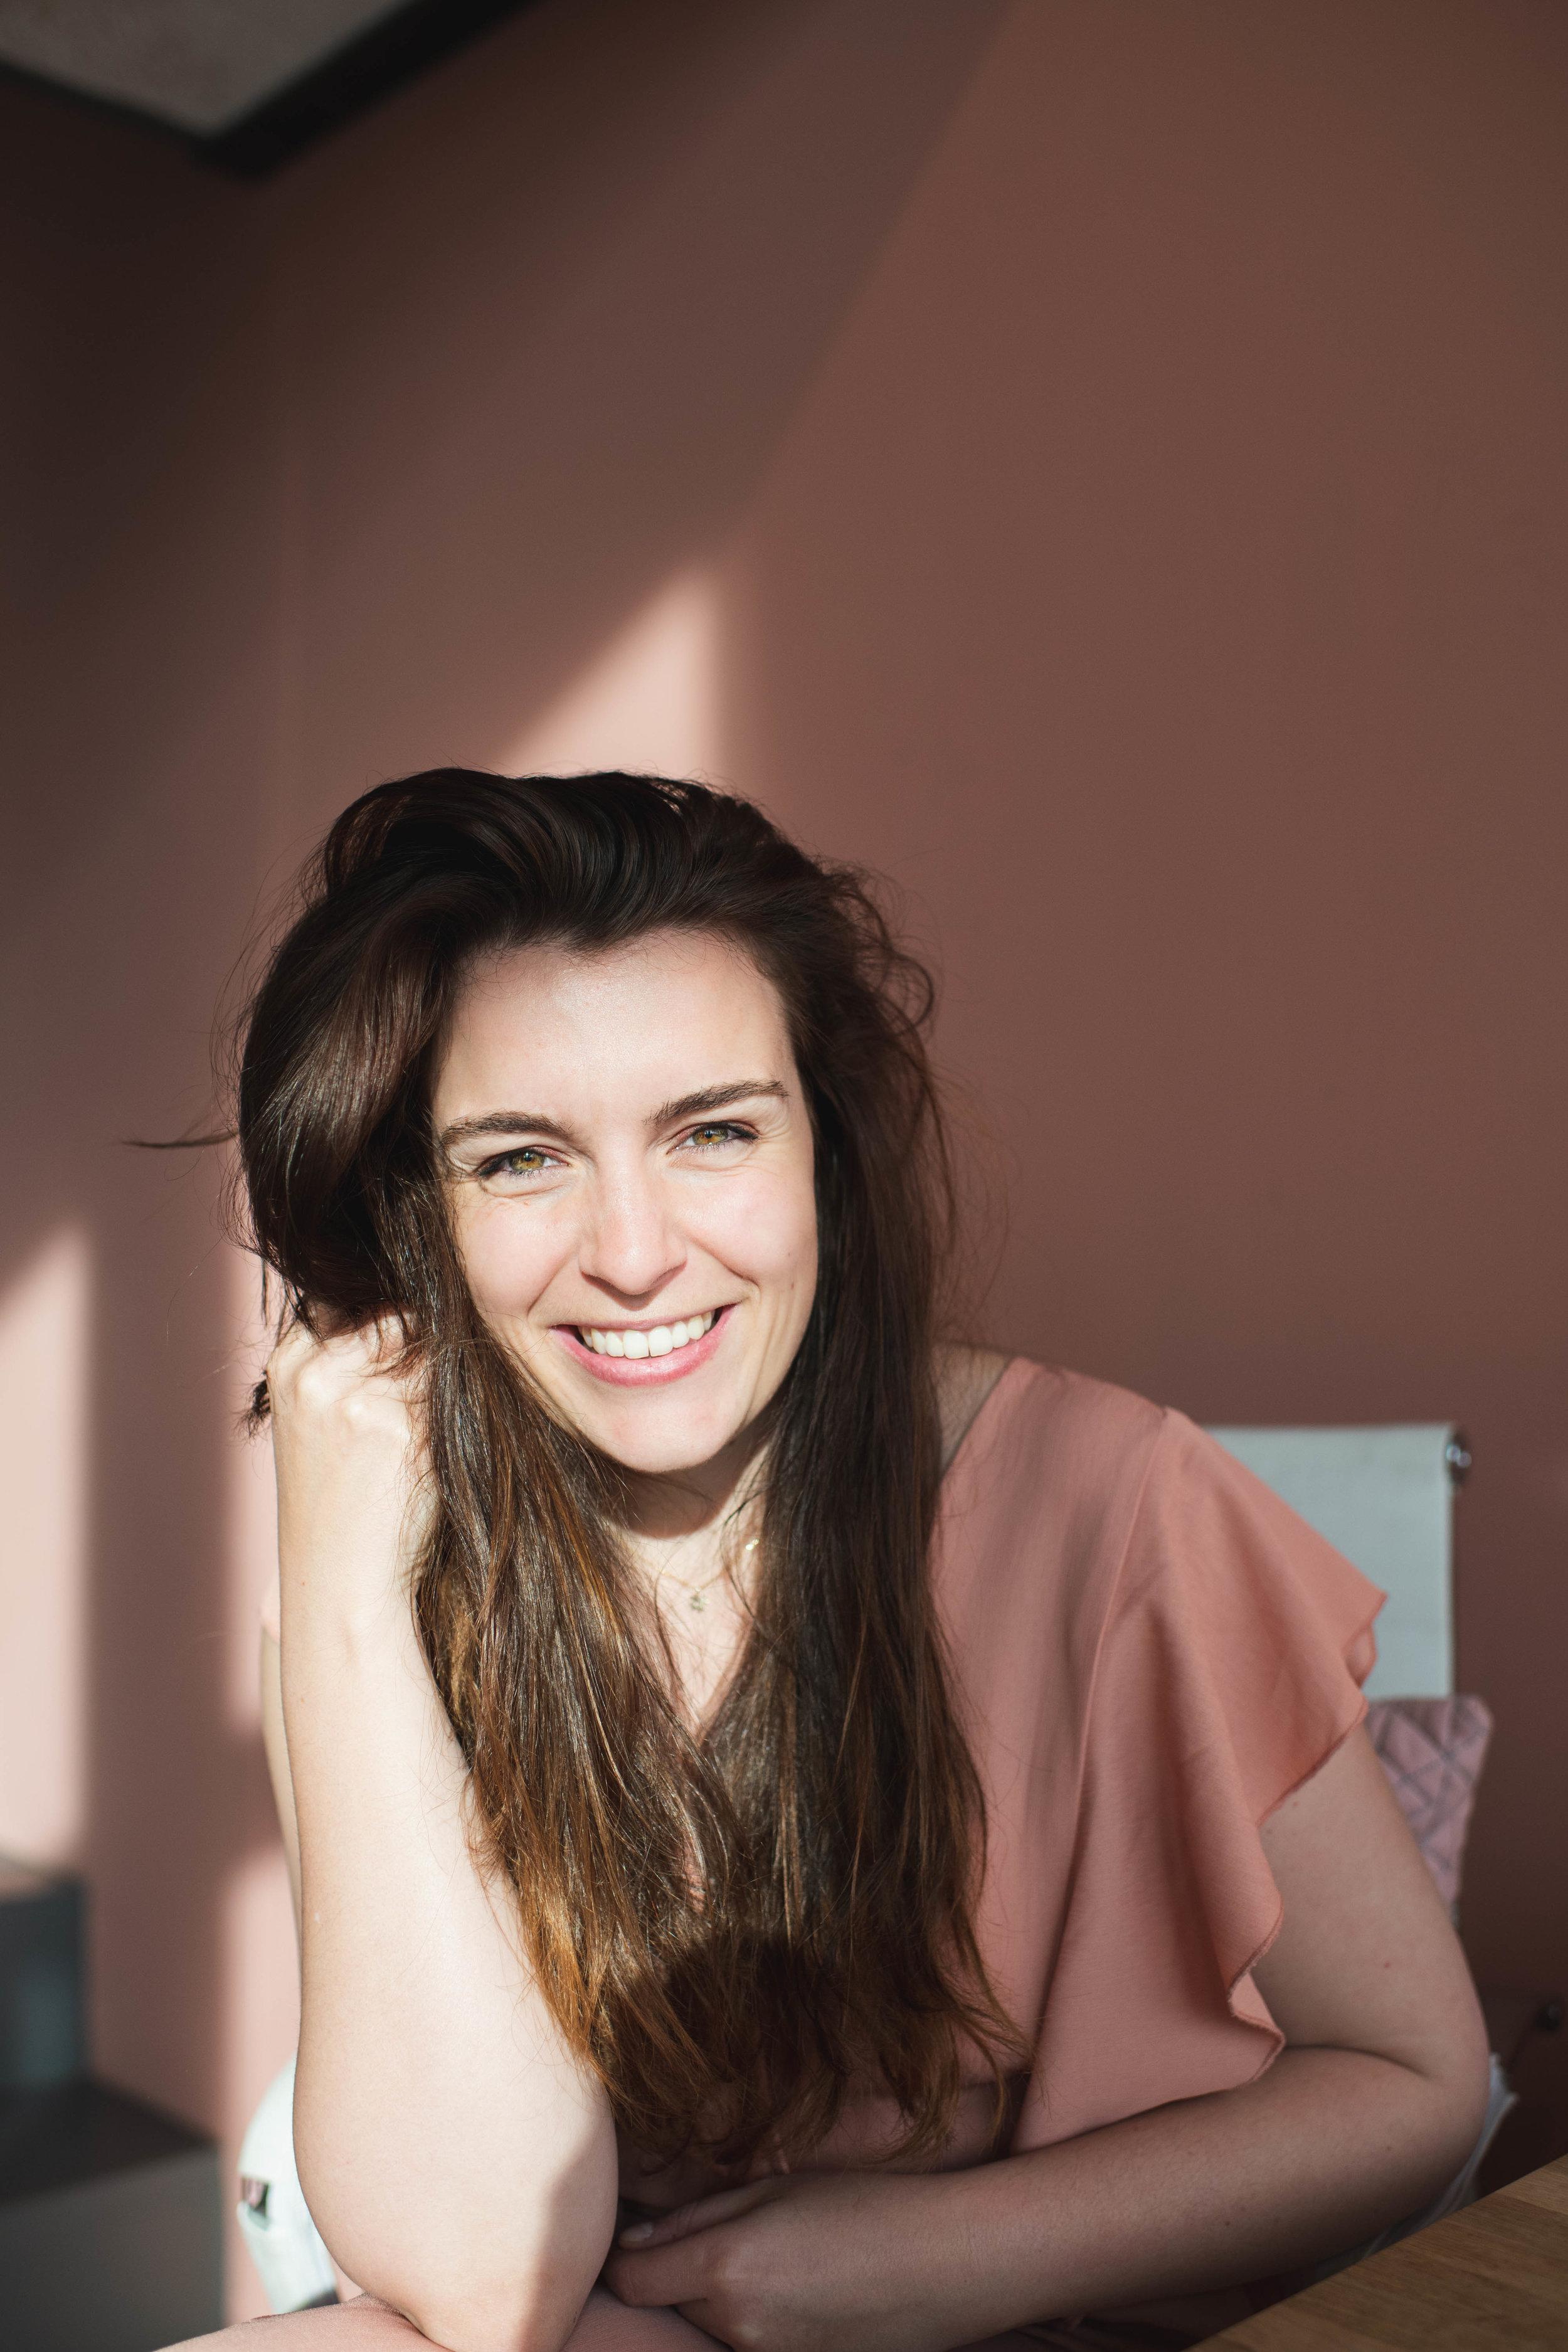 De Amsterdamse onderneemster Amber van Leeuwen (The Social Goodgirl) gefotografeerd in haar kantoor.